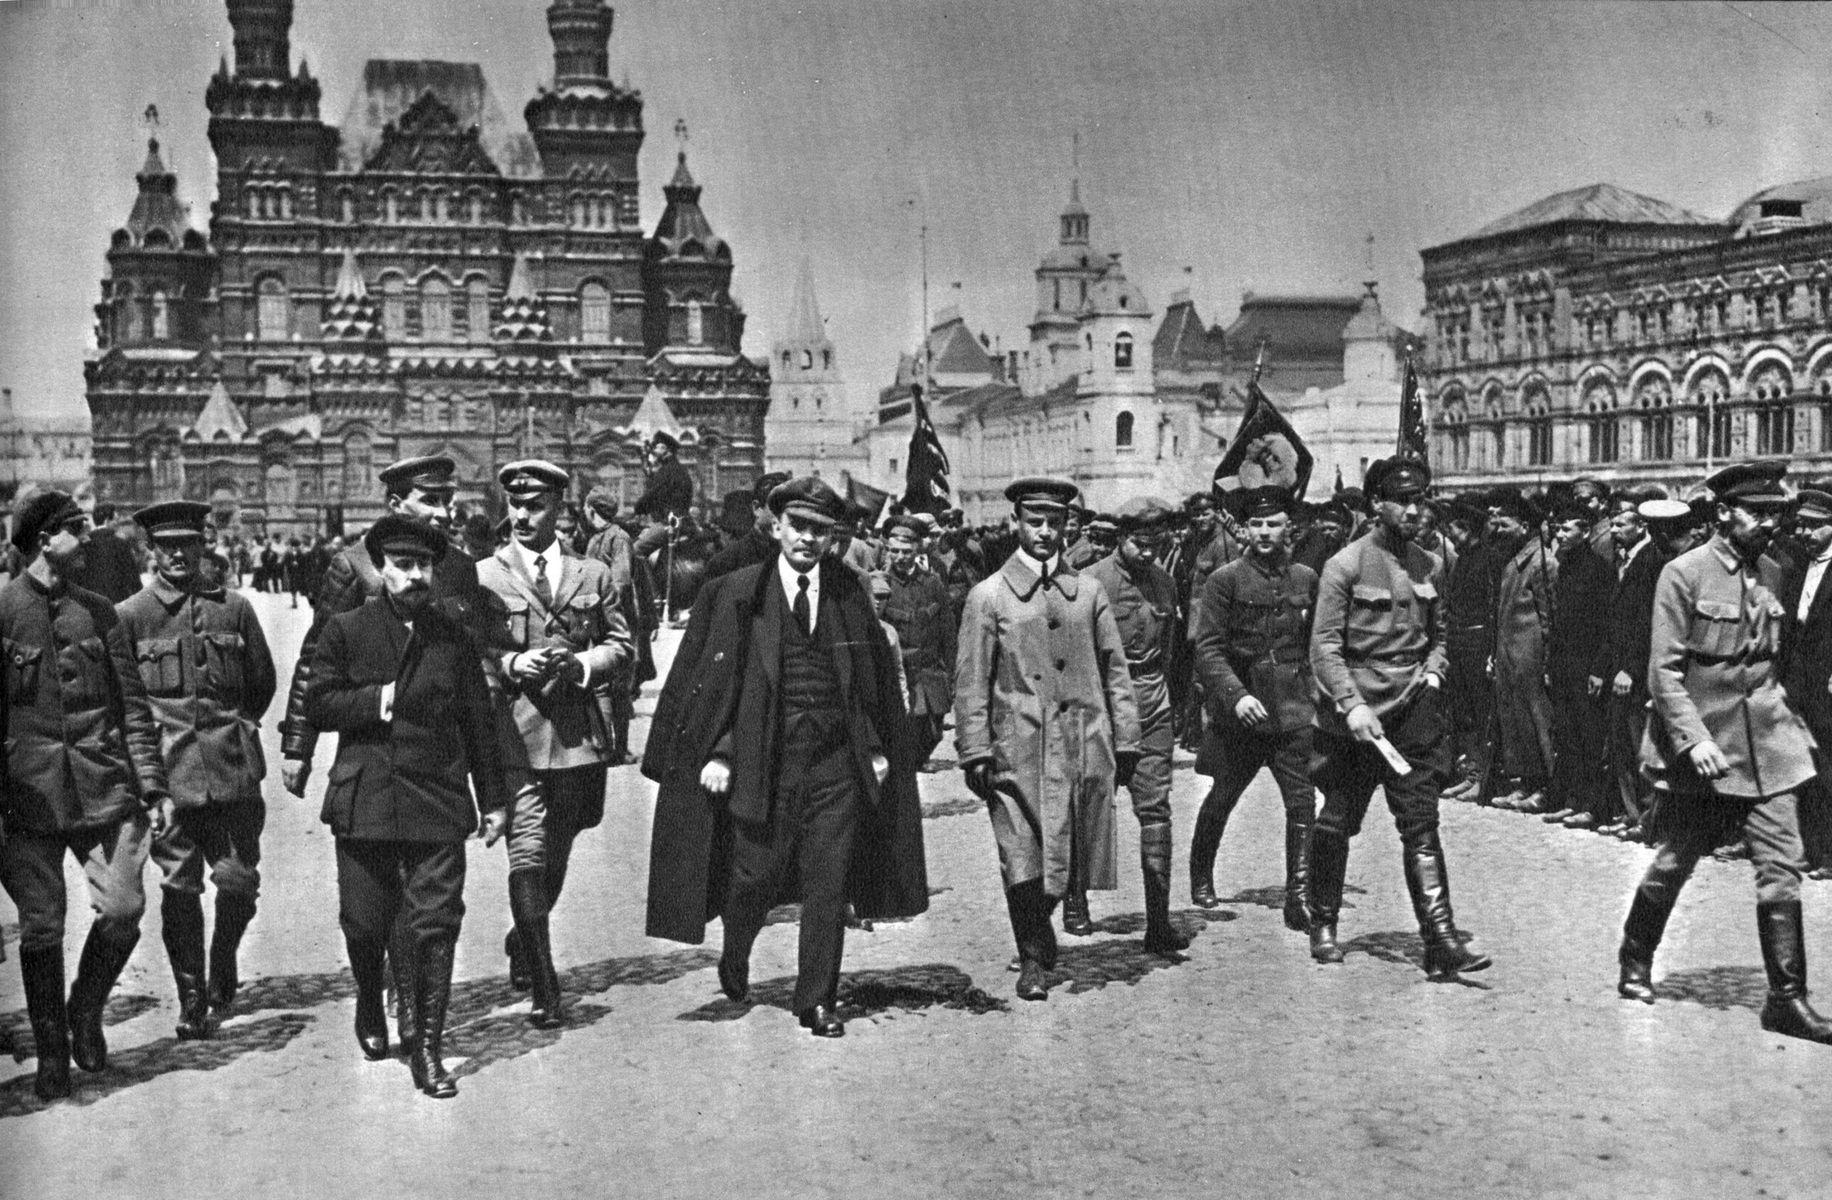 В. И. Ленин с группой командиров обходит фронт войск Всевобуча на Красной площади. Москва, 25 мая 1919 г.